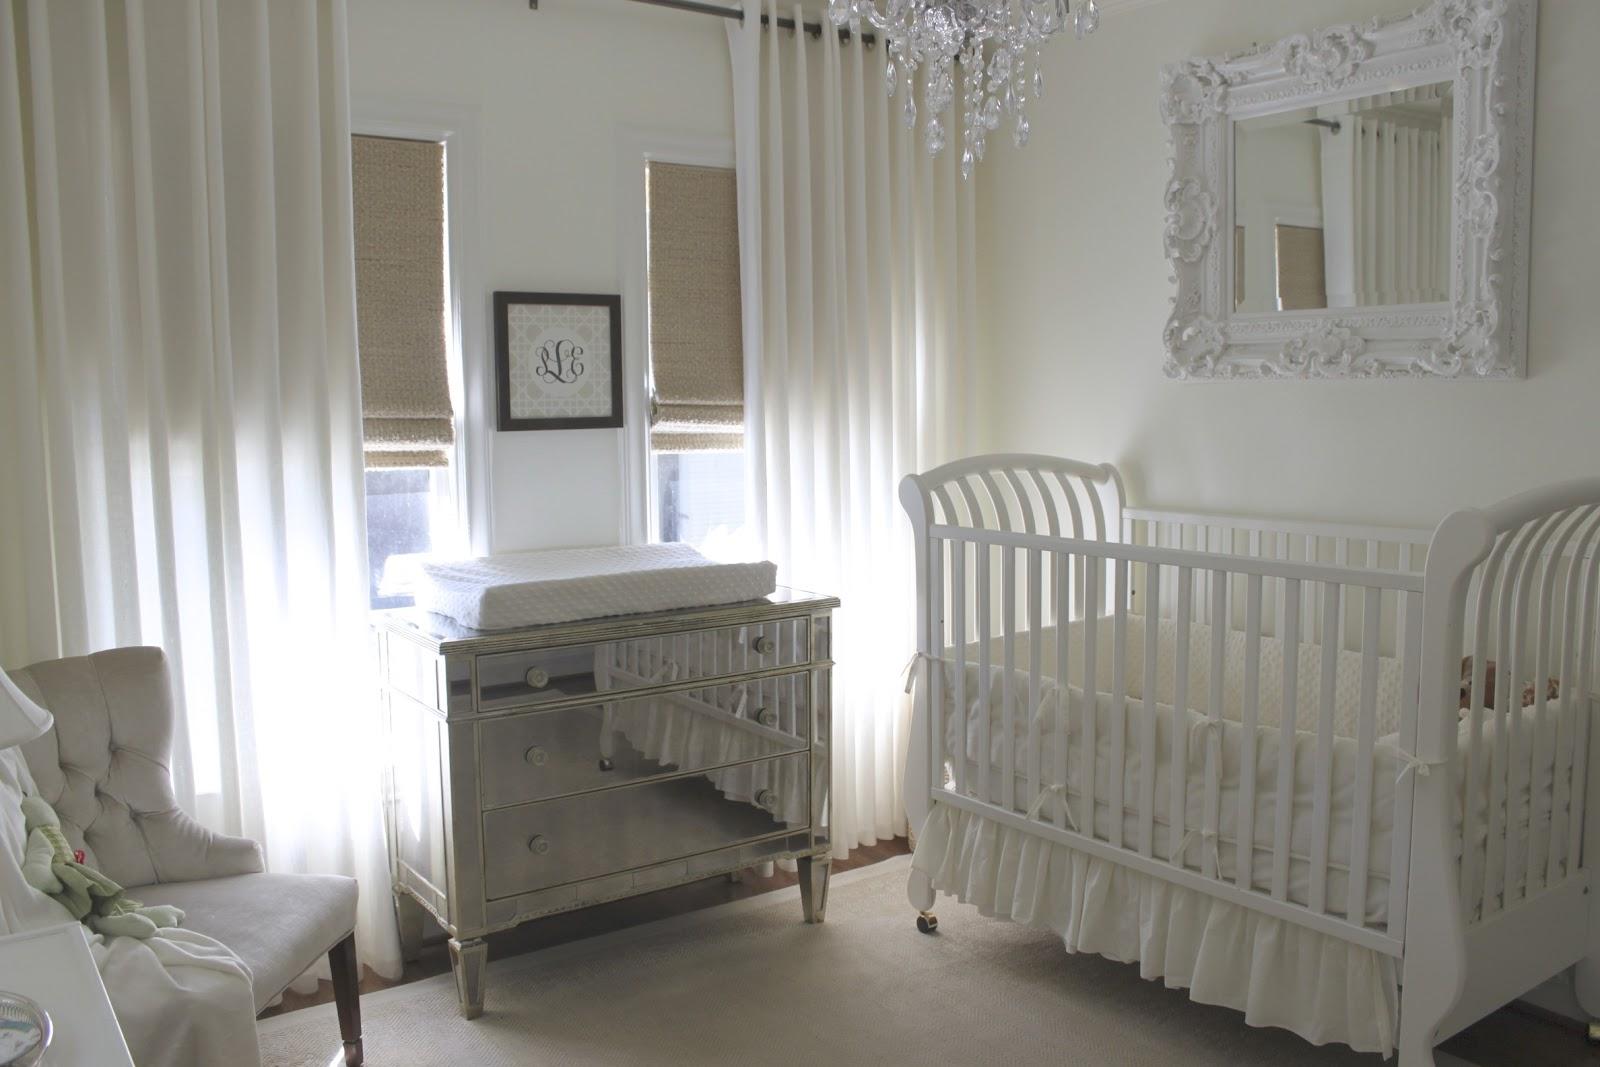 Curtains For Baby Girl Nursery: Decorgreat: Baby Girl's Nursery